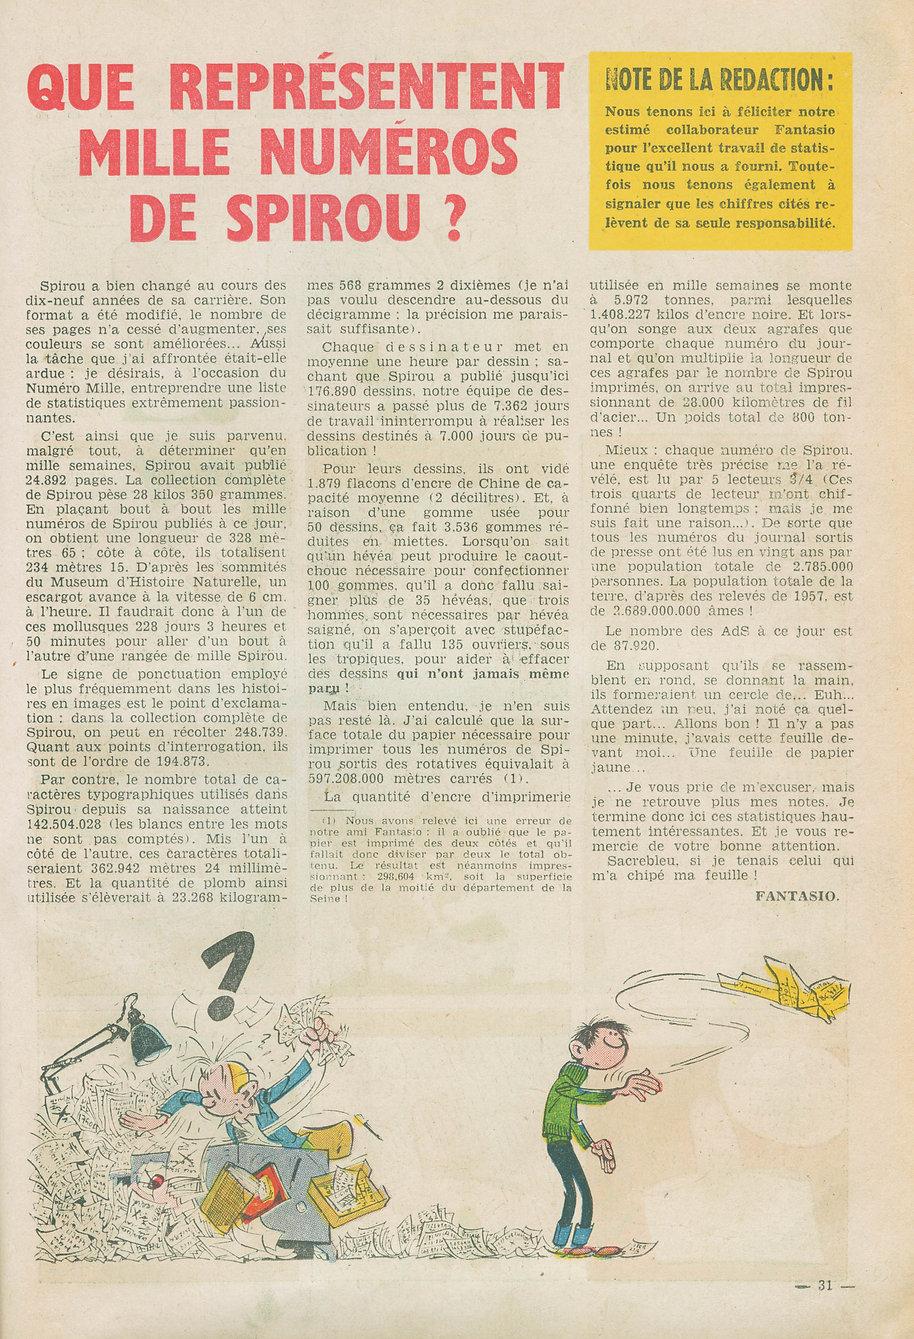 Journal de Spirou : les numéros spéciaux - Page 4 Fd20e3_21029c11efde4141869a9baa66309dd6